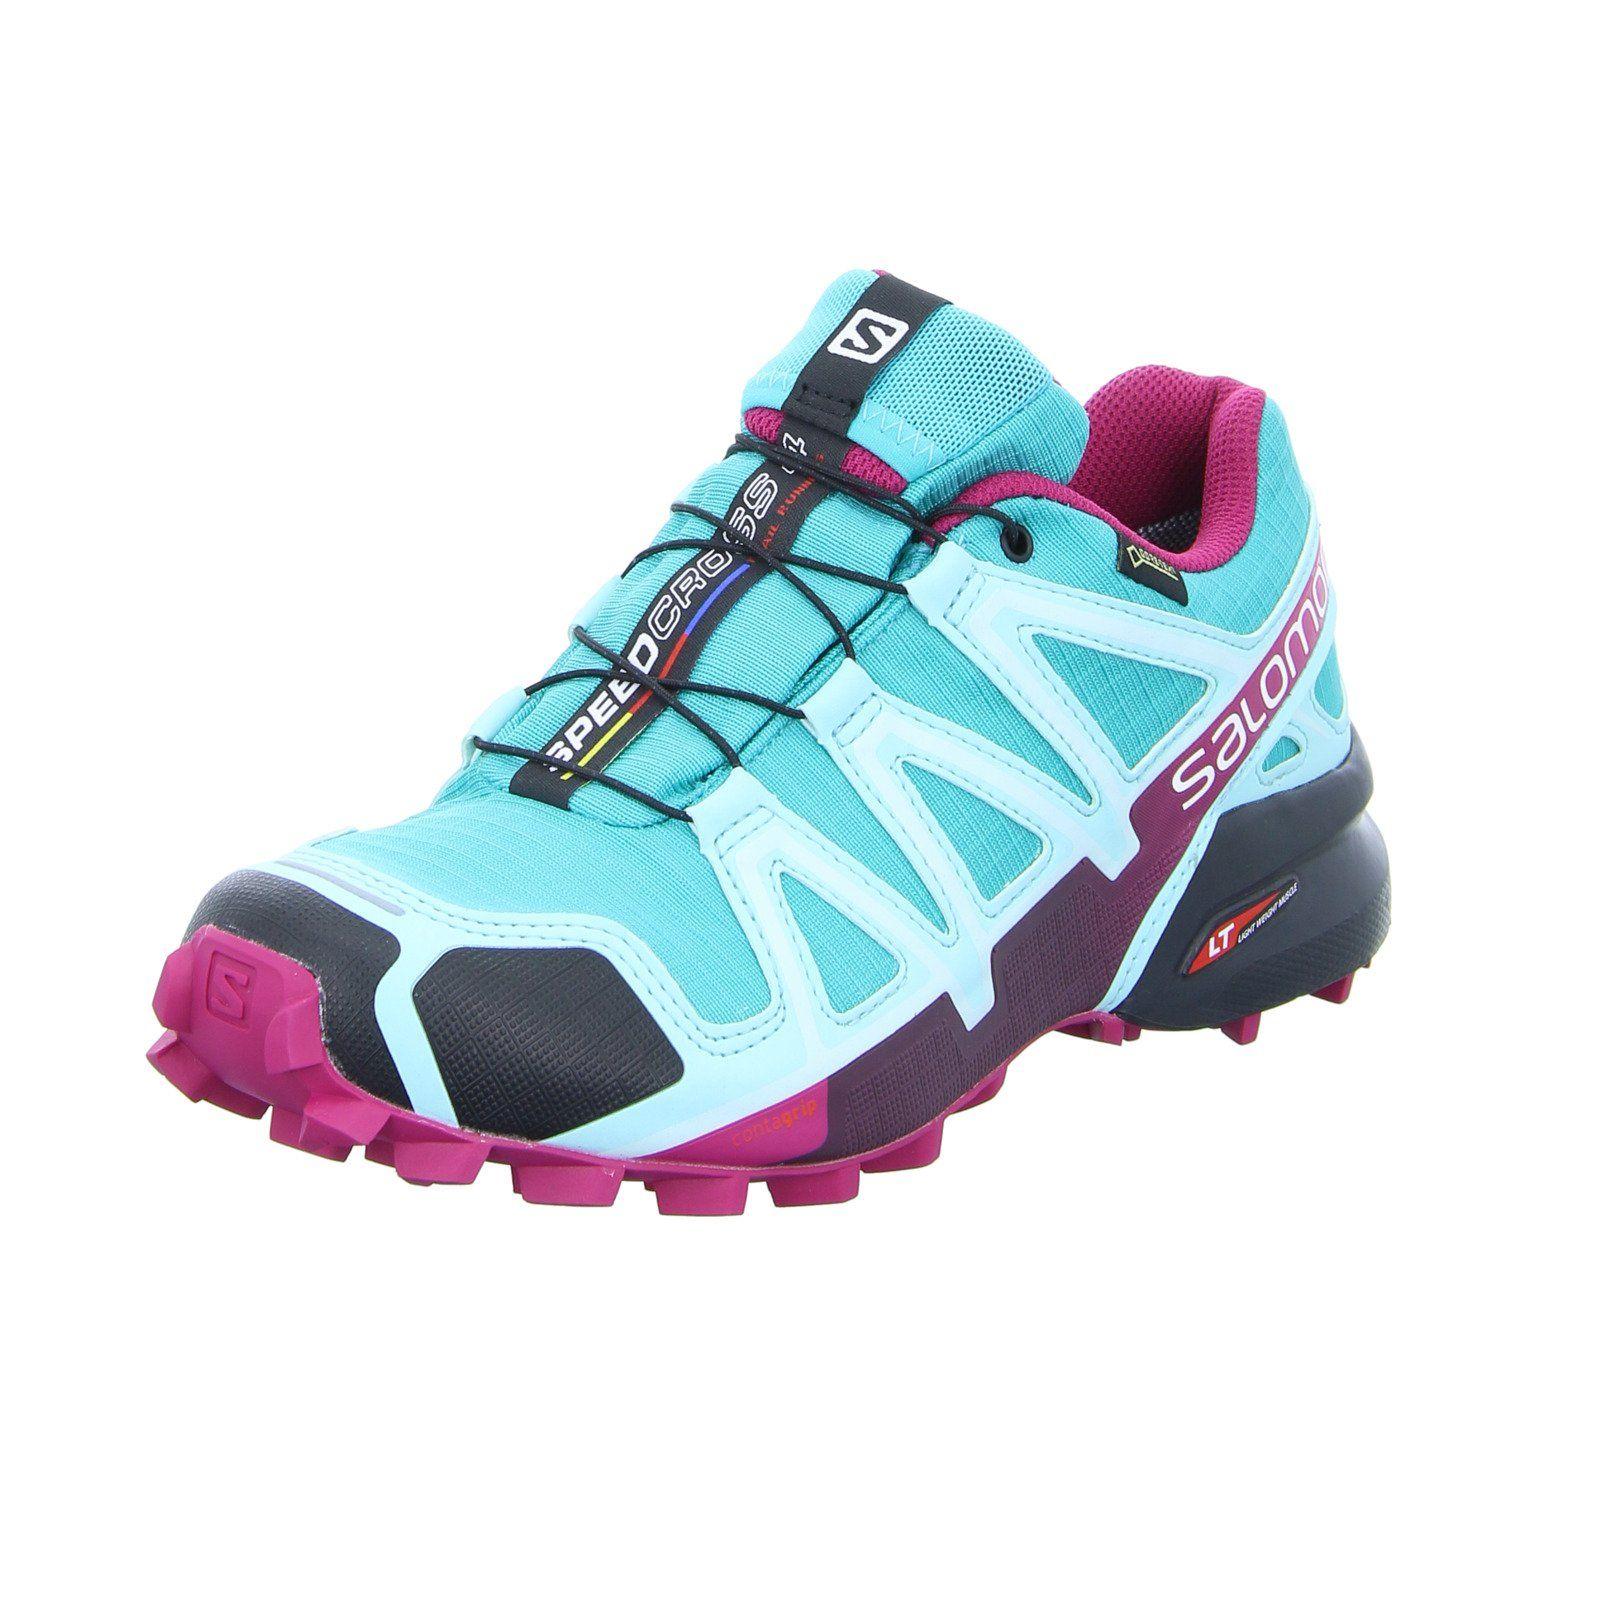 Salomon Damen Speedcross 4 GTX Trailrunning Schuhe | Jeden